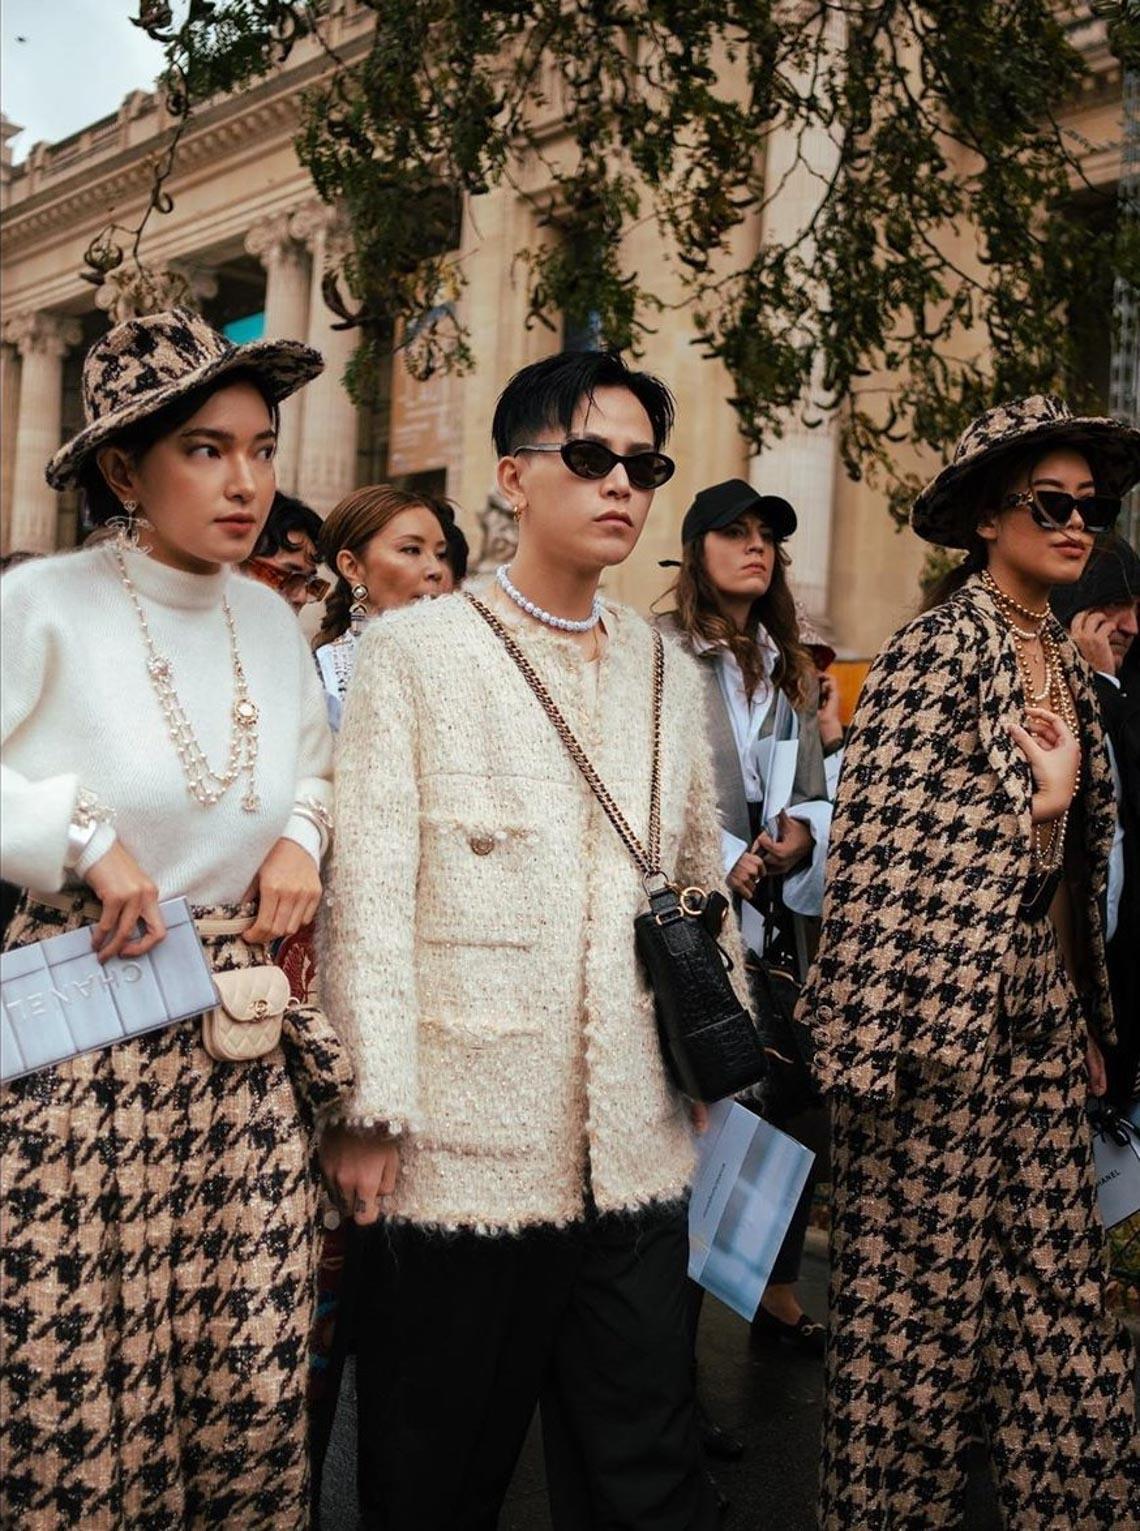 Các ngôi sao nổi tiếng tham dự show diễn Chanel Xuân-Hè 2020 - 14